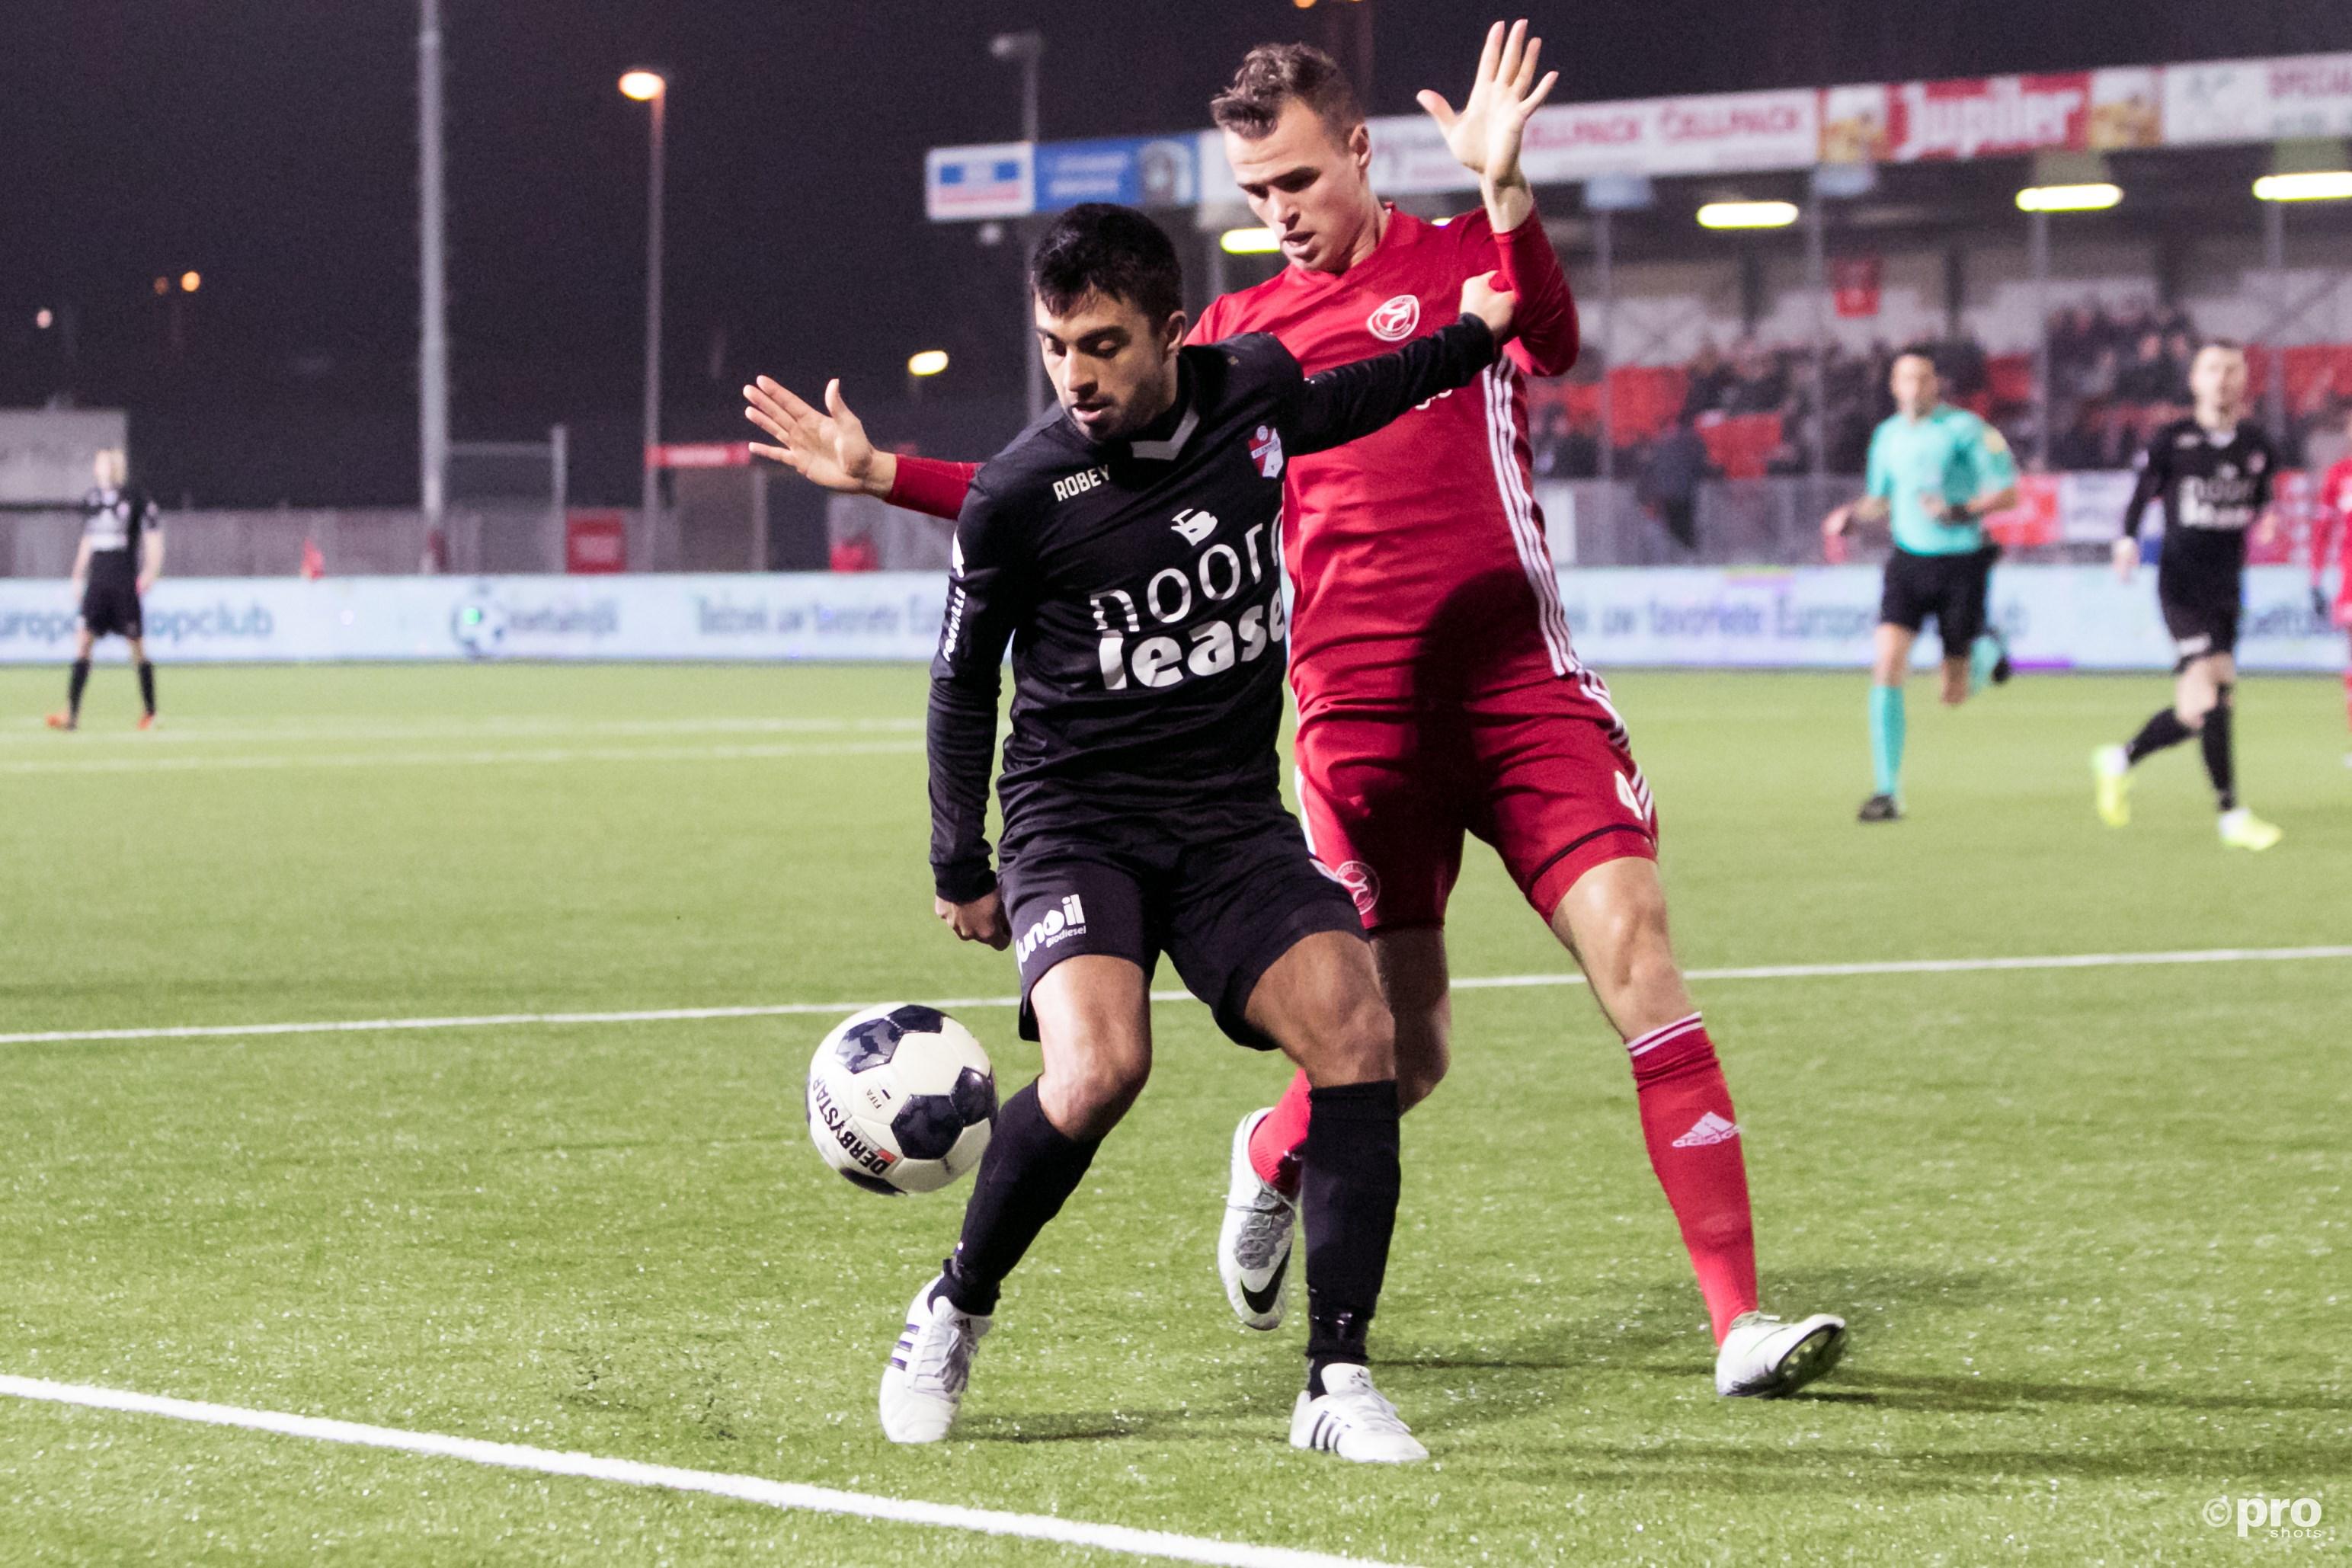 Emmen-speler Aslan in duel met Almere verdediger Nieuwpoort (Pro Shots/Remko Kool)